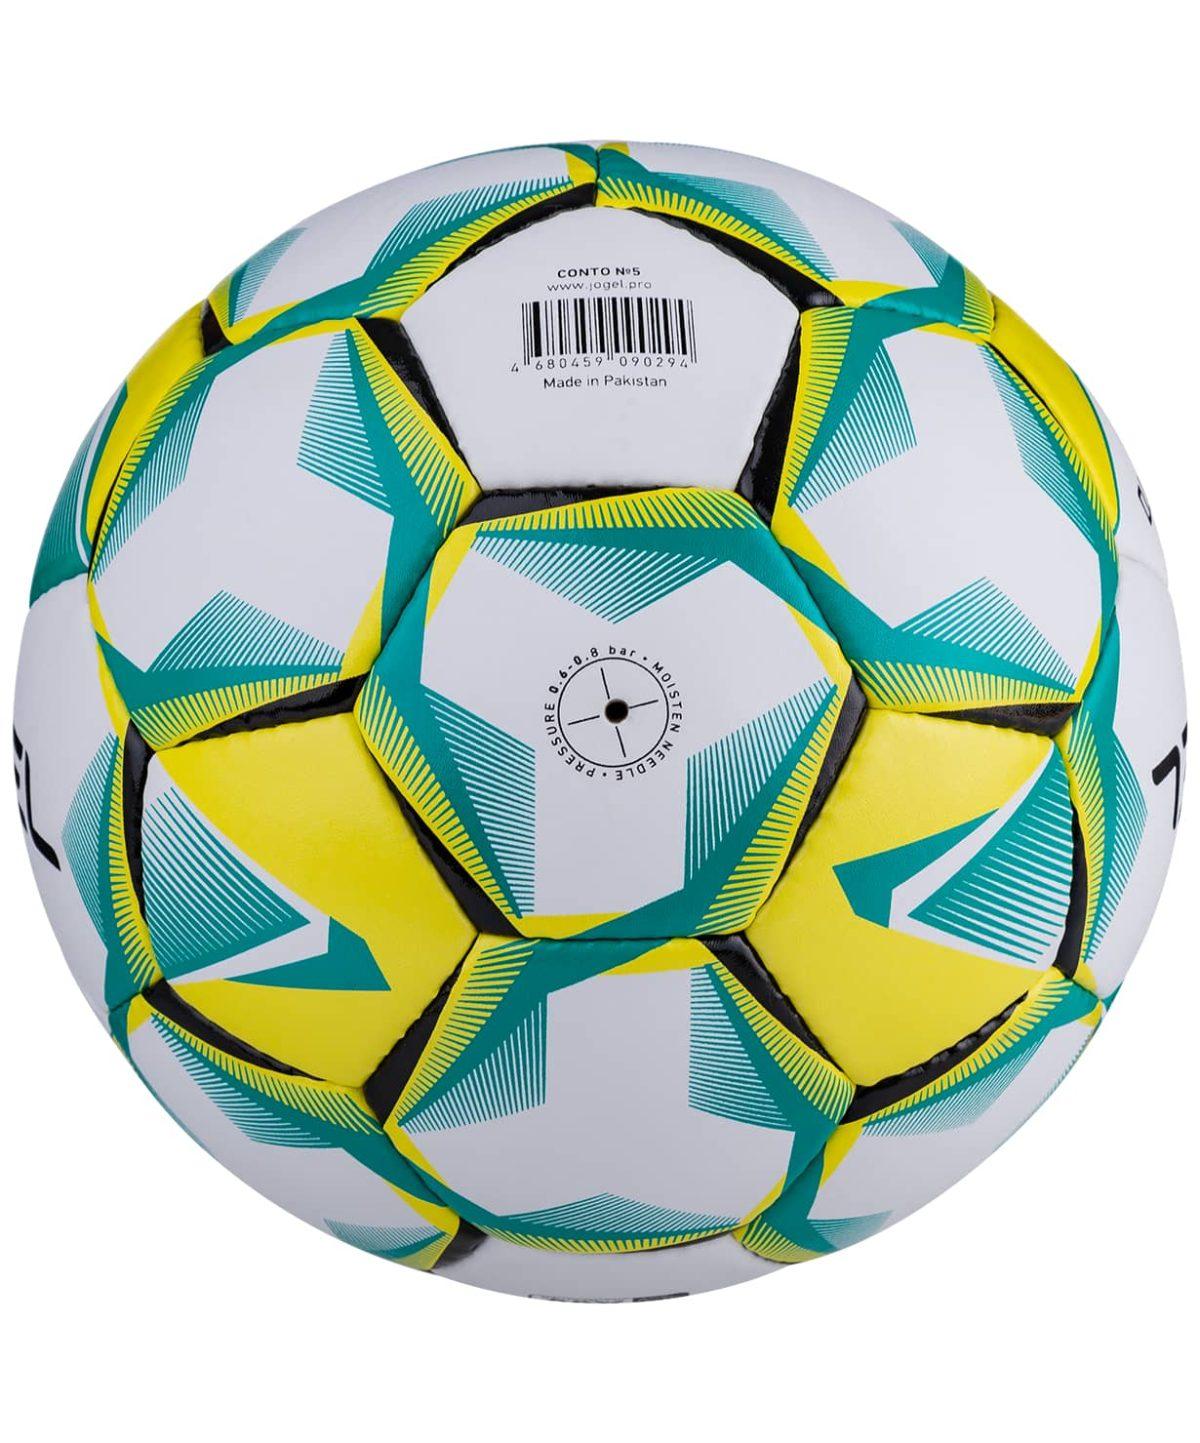 JOGEL Conto  Мяч футбольный  Conto №5 (BC20) - 3